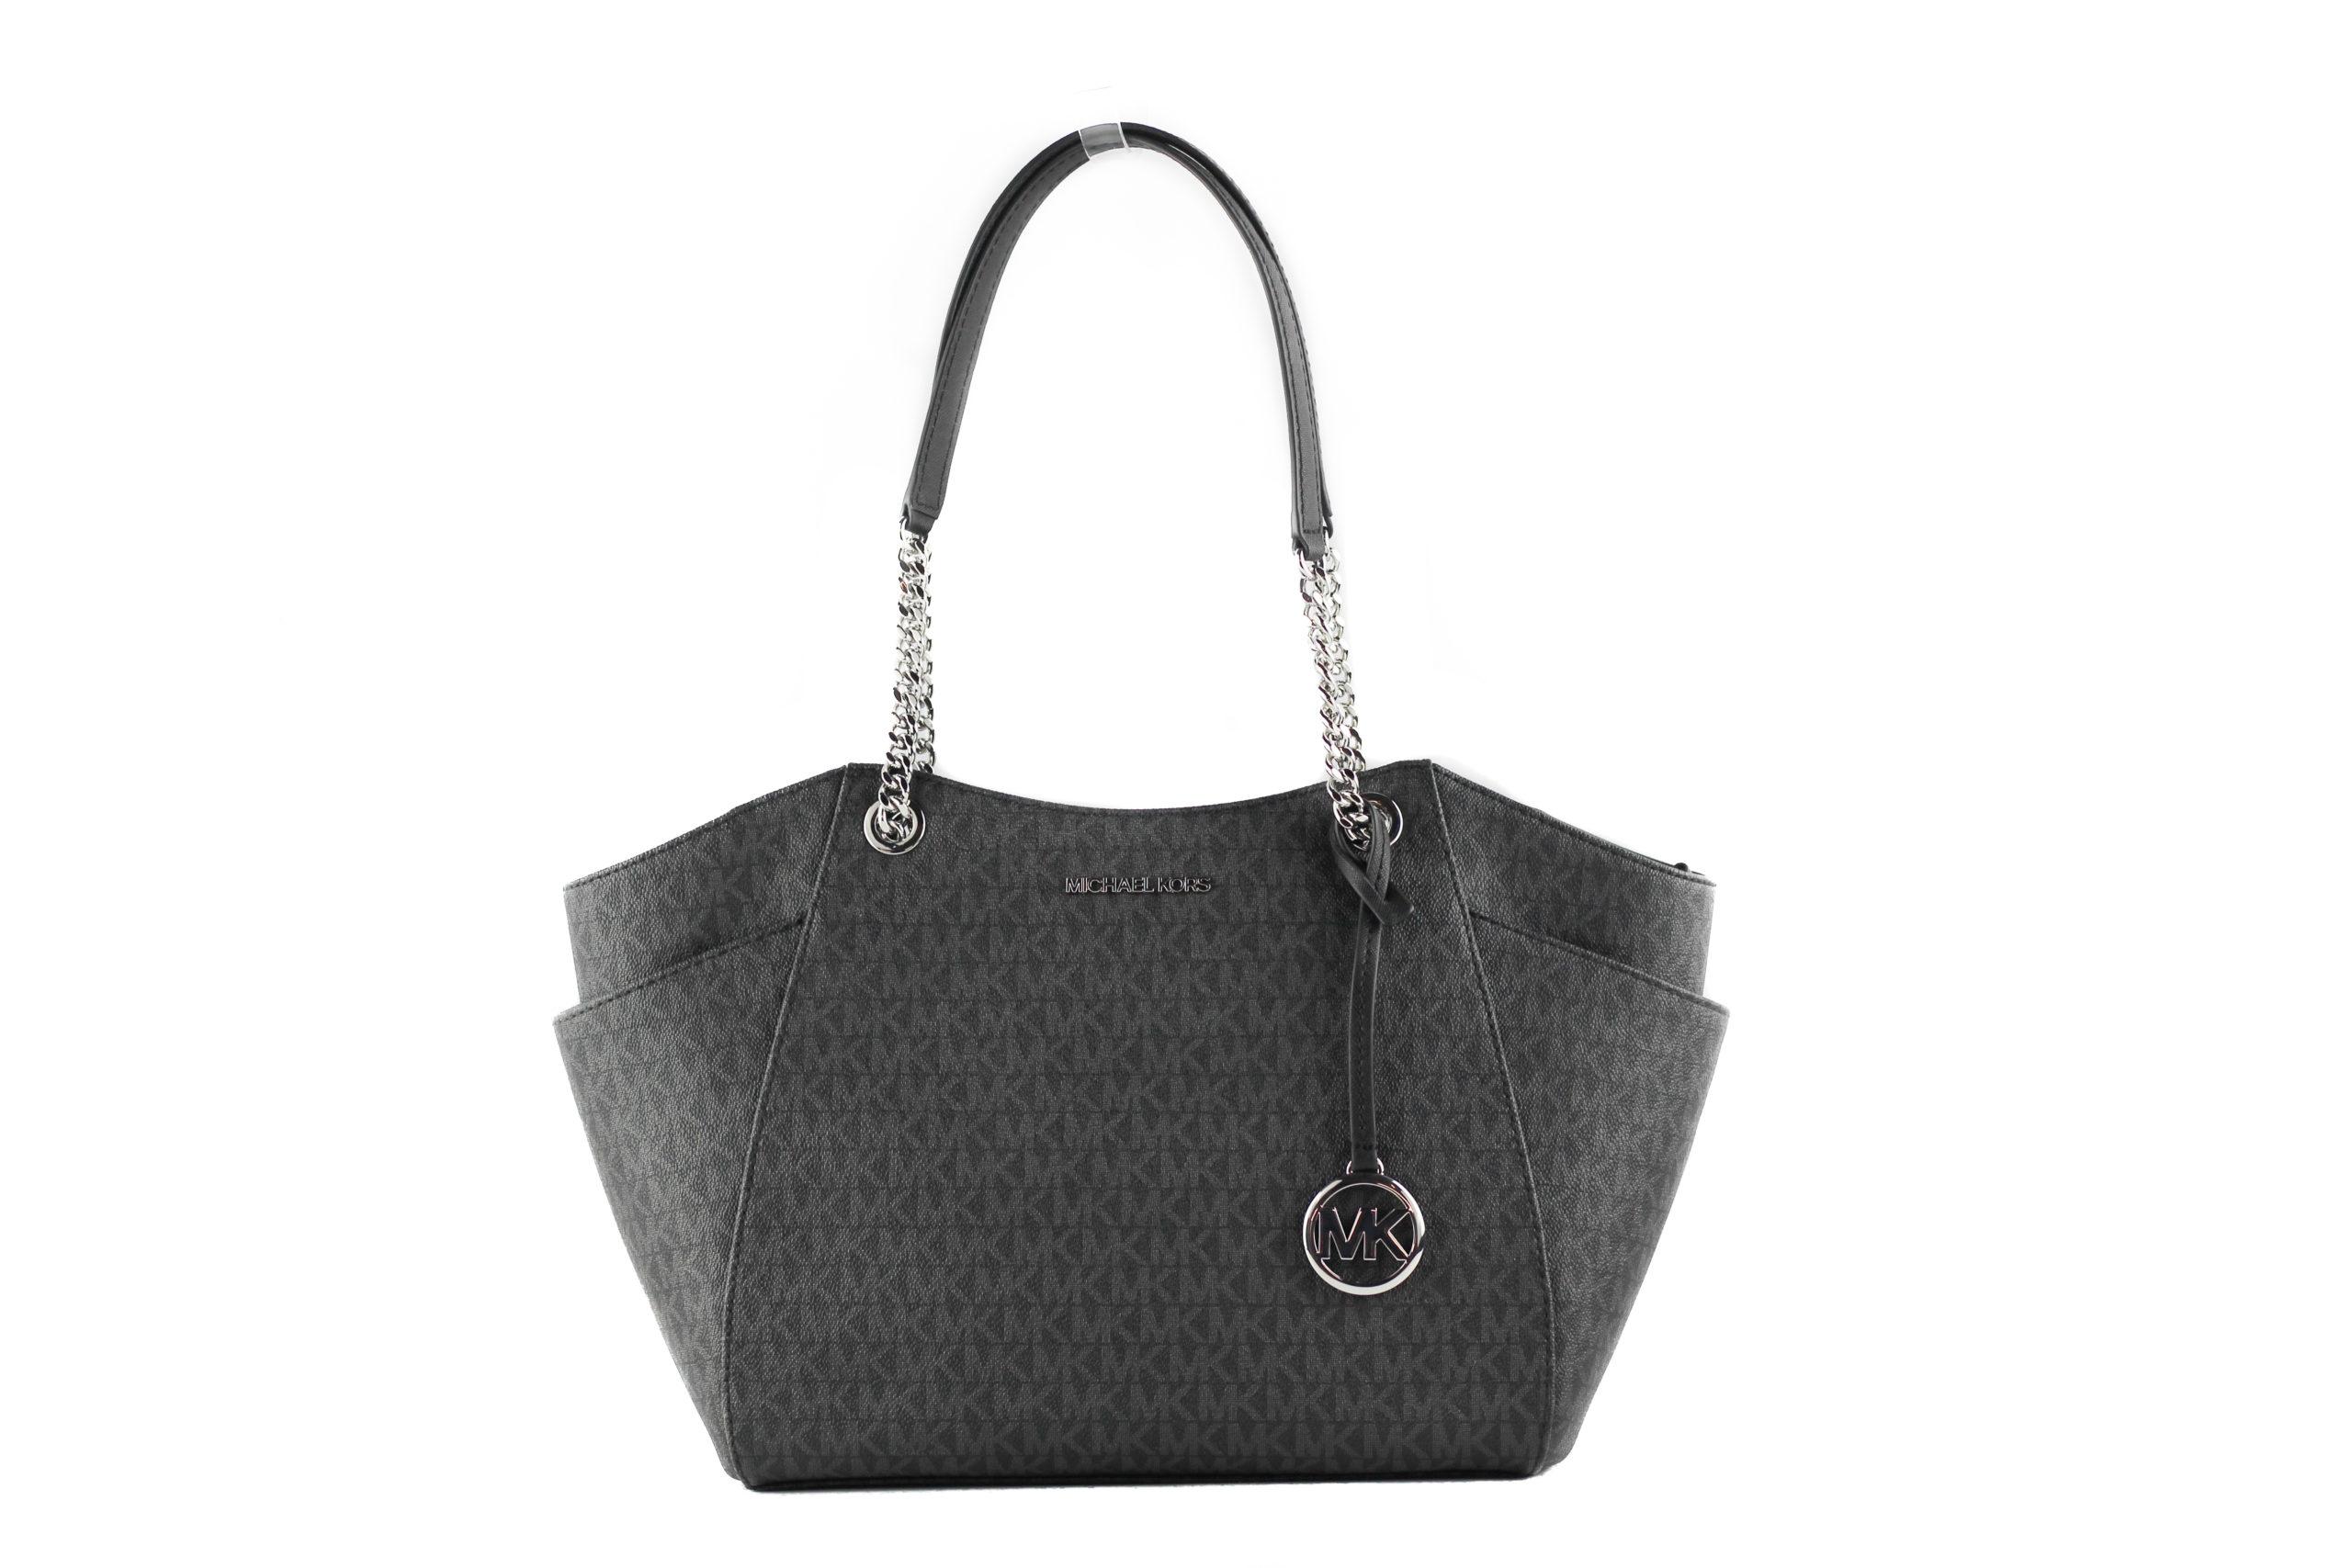 Michael Kors Women's Jet Set Tote Bag Black 39969